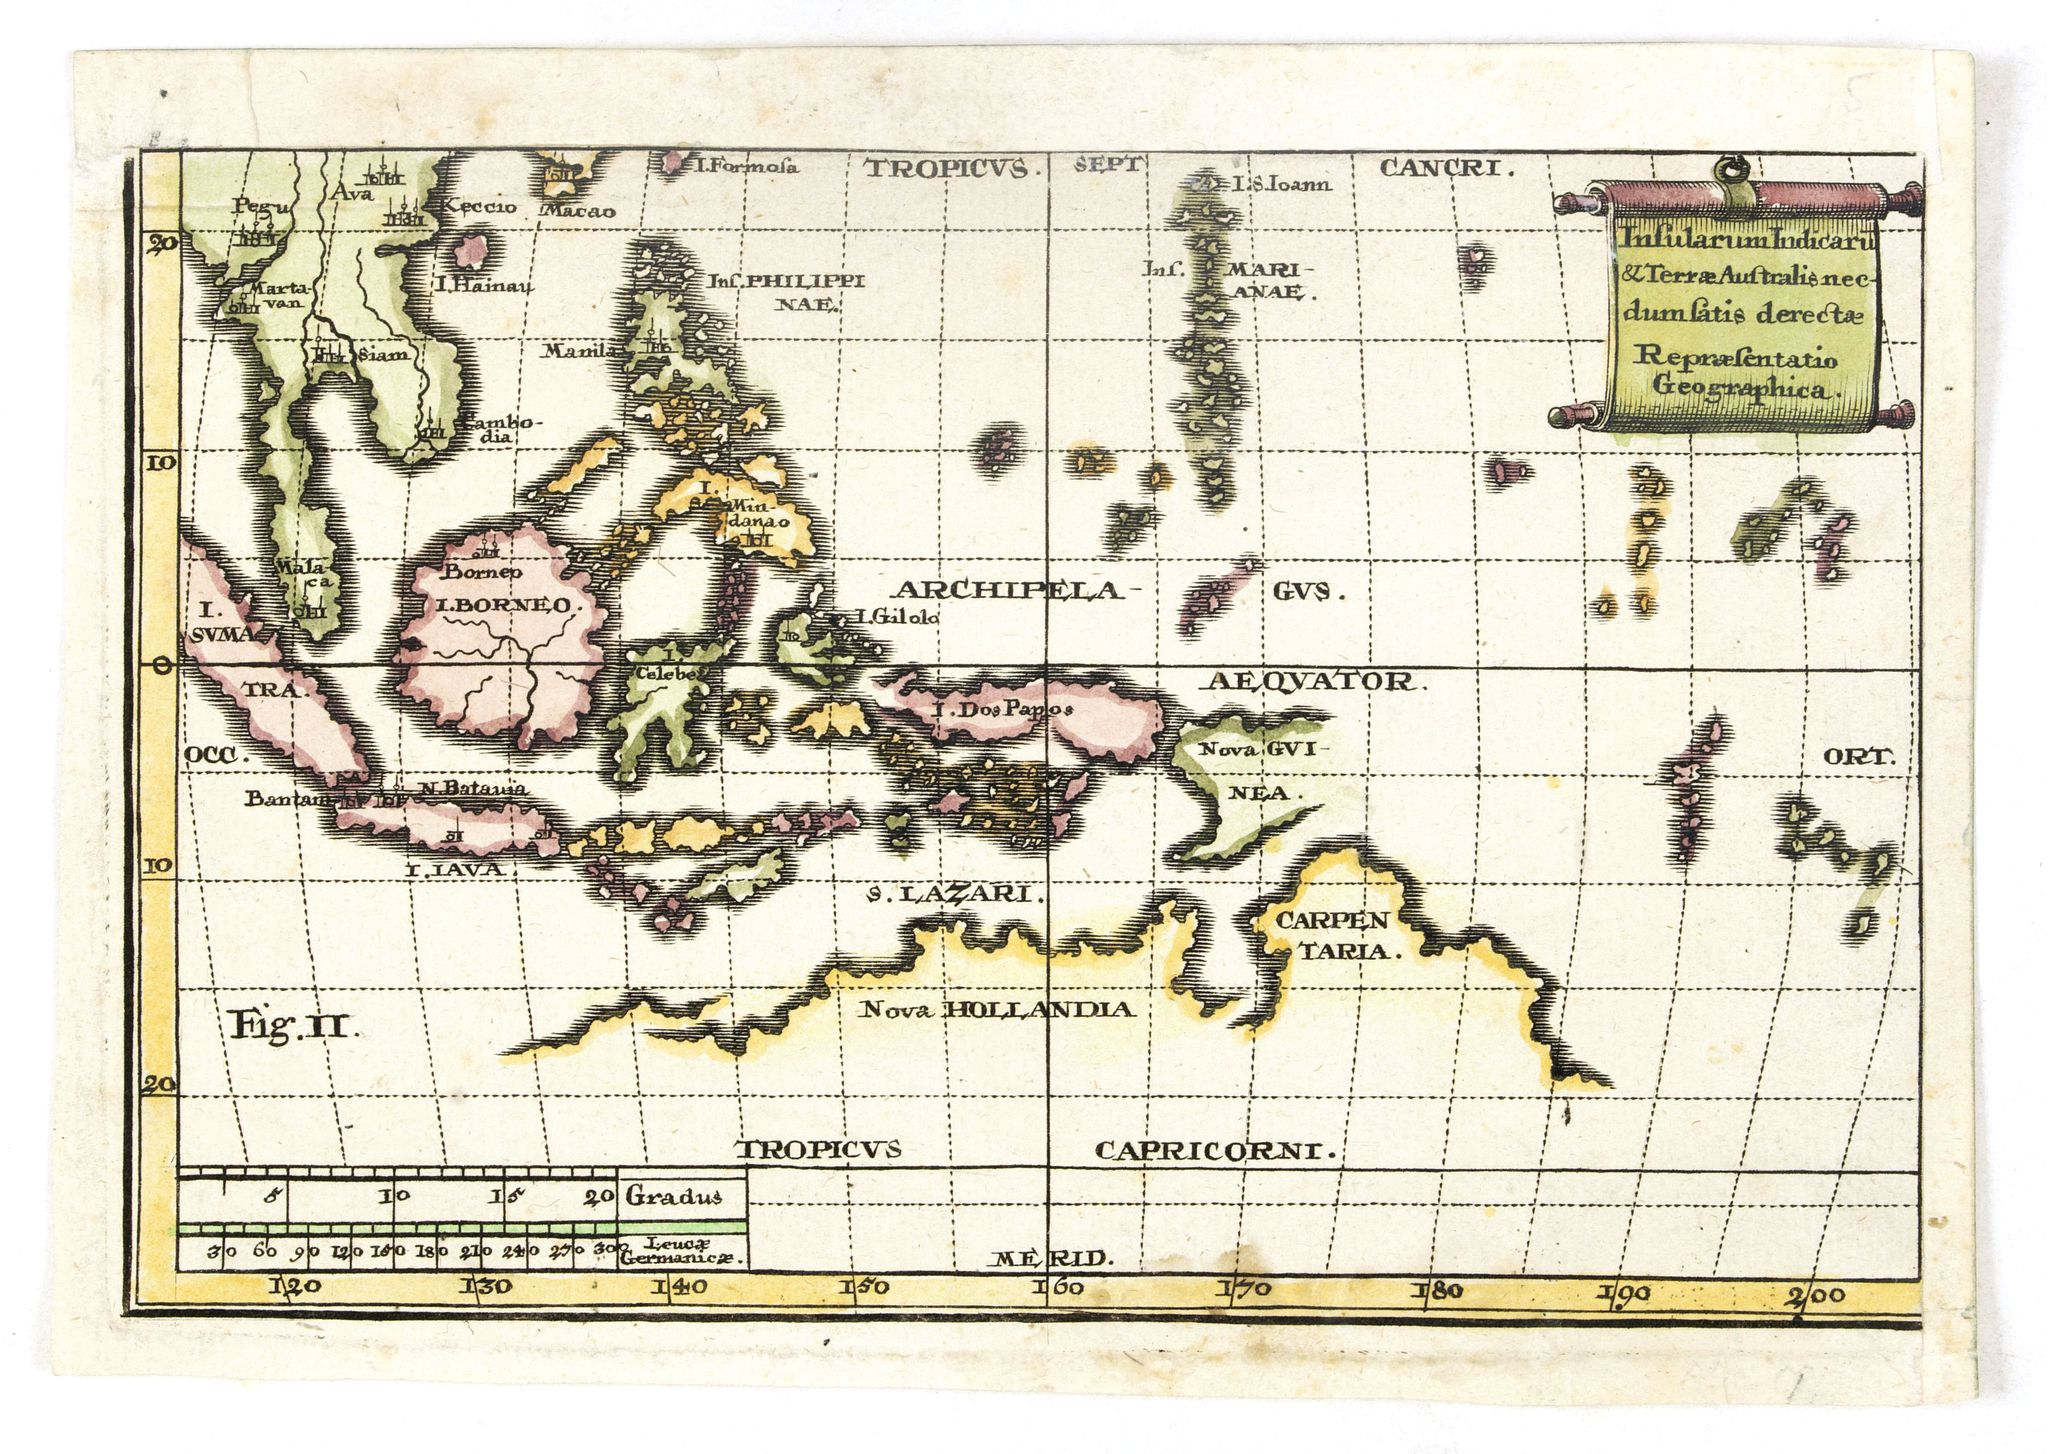 ANONYMOUS -  Insularum Indicaru & Terrae Australis necdum fatis derectae Repraesentatio Geographica.